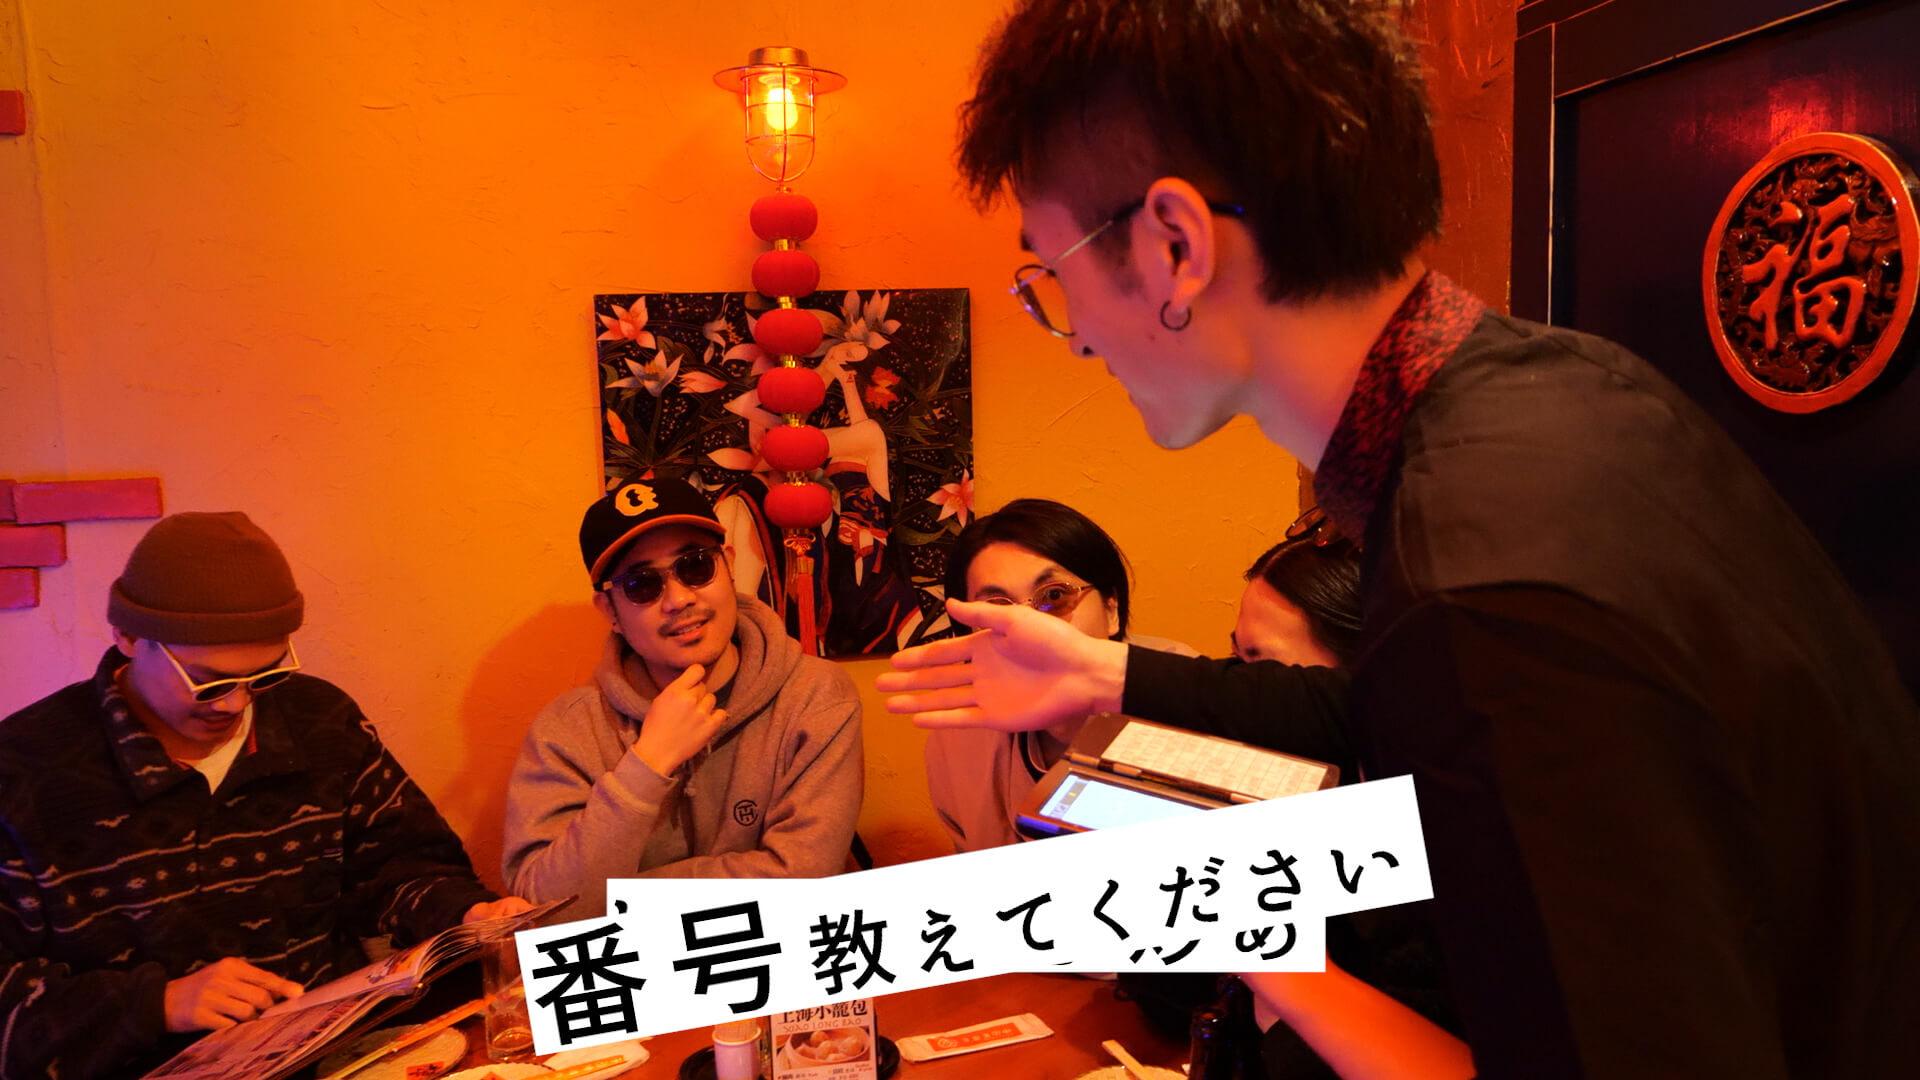 フッドめし - HoodFood #07 TOKYO HEALTH CLUB × Kick a Show video200321_hoodfood7_5